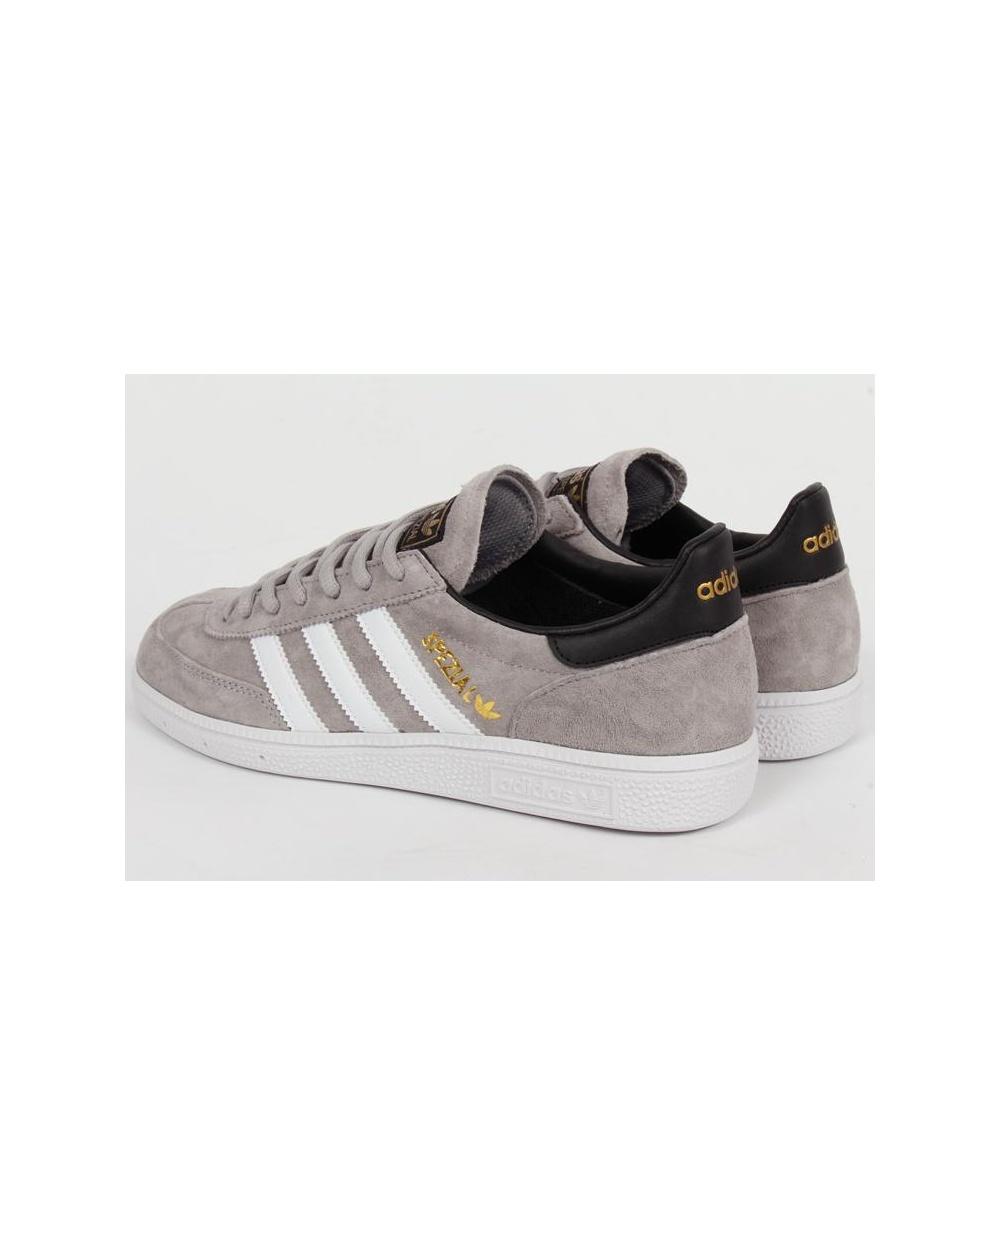 Adidas originali spezial formatori solido grigio / bianco